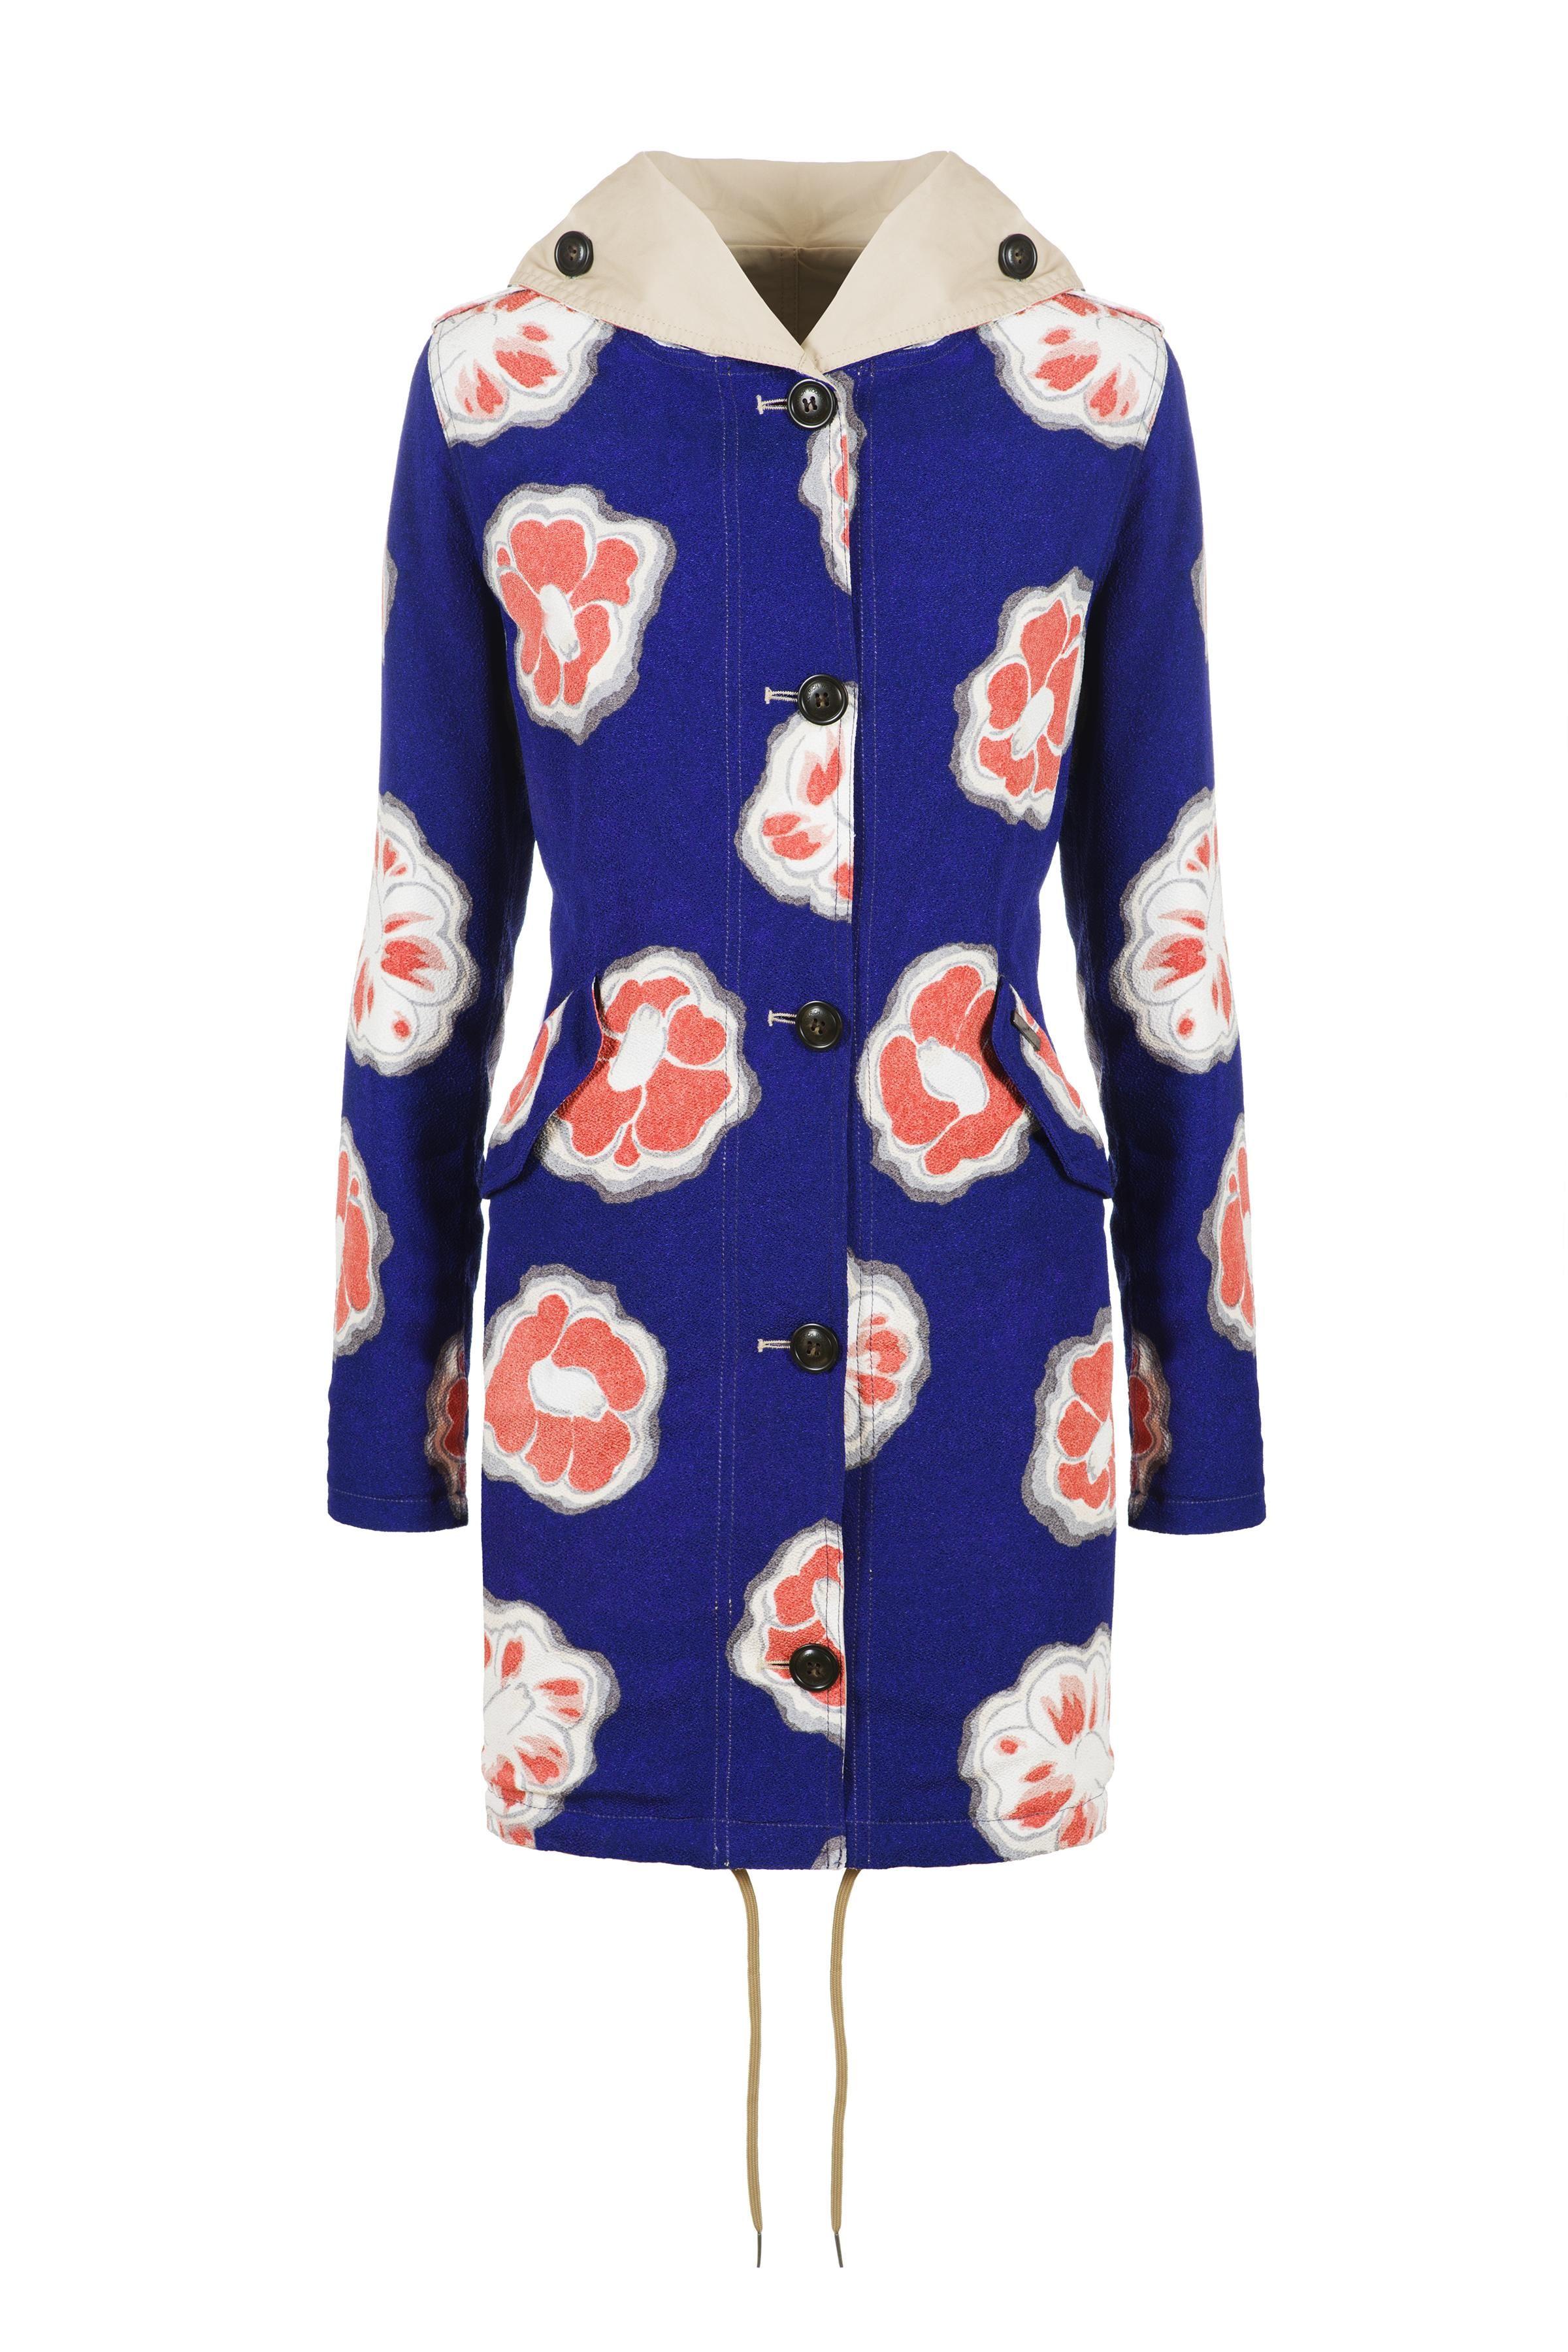 """<p>Cosa succede quando le fantasie della tradizione giapponese incontrano l'outwear della moda americana? Nasce una speciale collezione primavera estate 2016 di Woolrich John Rich & Bros che porta anche la firma di Okajima, storico marchio di tessuti stampati da kimono, con fabbrica e stamperia a Kyoto. La star del progetto è<span class=""""redactor-invisible-space"""" style=""""line-height: 1.6em&#x3B; background-color: initial&#x3B;"""">  senza alcun dubbio </span>il Prescott Reversible Parka, un capo che si prepara a diventare must have di stagione. Reversibile, completamente water resistant nella parte tinta unita, mentre l'altro lato su fondo blu appaiono giganteschi fiori corallo da tradizione giapponese.<span class=""""redactor-invisible-space"""" style=""""line-height: 1.6em&#x3B; background-color: initial&#x3B;""""> Per chi preferisce fantasie più delicate, invece, c'è anche il modello con piccolissimi fiori e per le """"twitter addicted"""", disegni di uccellini in grigio chiaro su fondo grigio.</span></p><p><br></p>"""